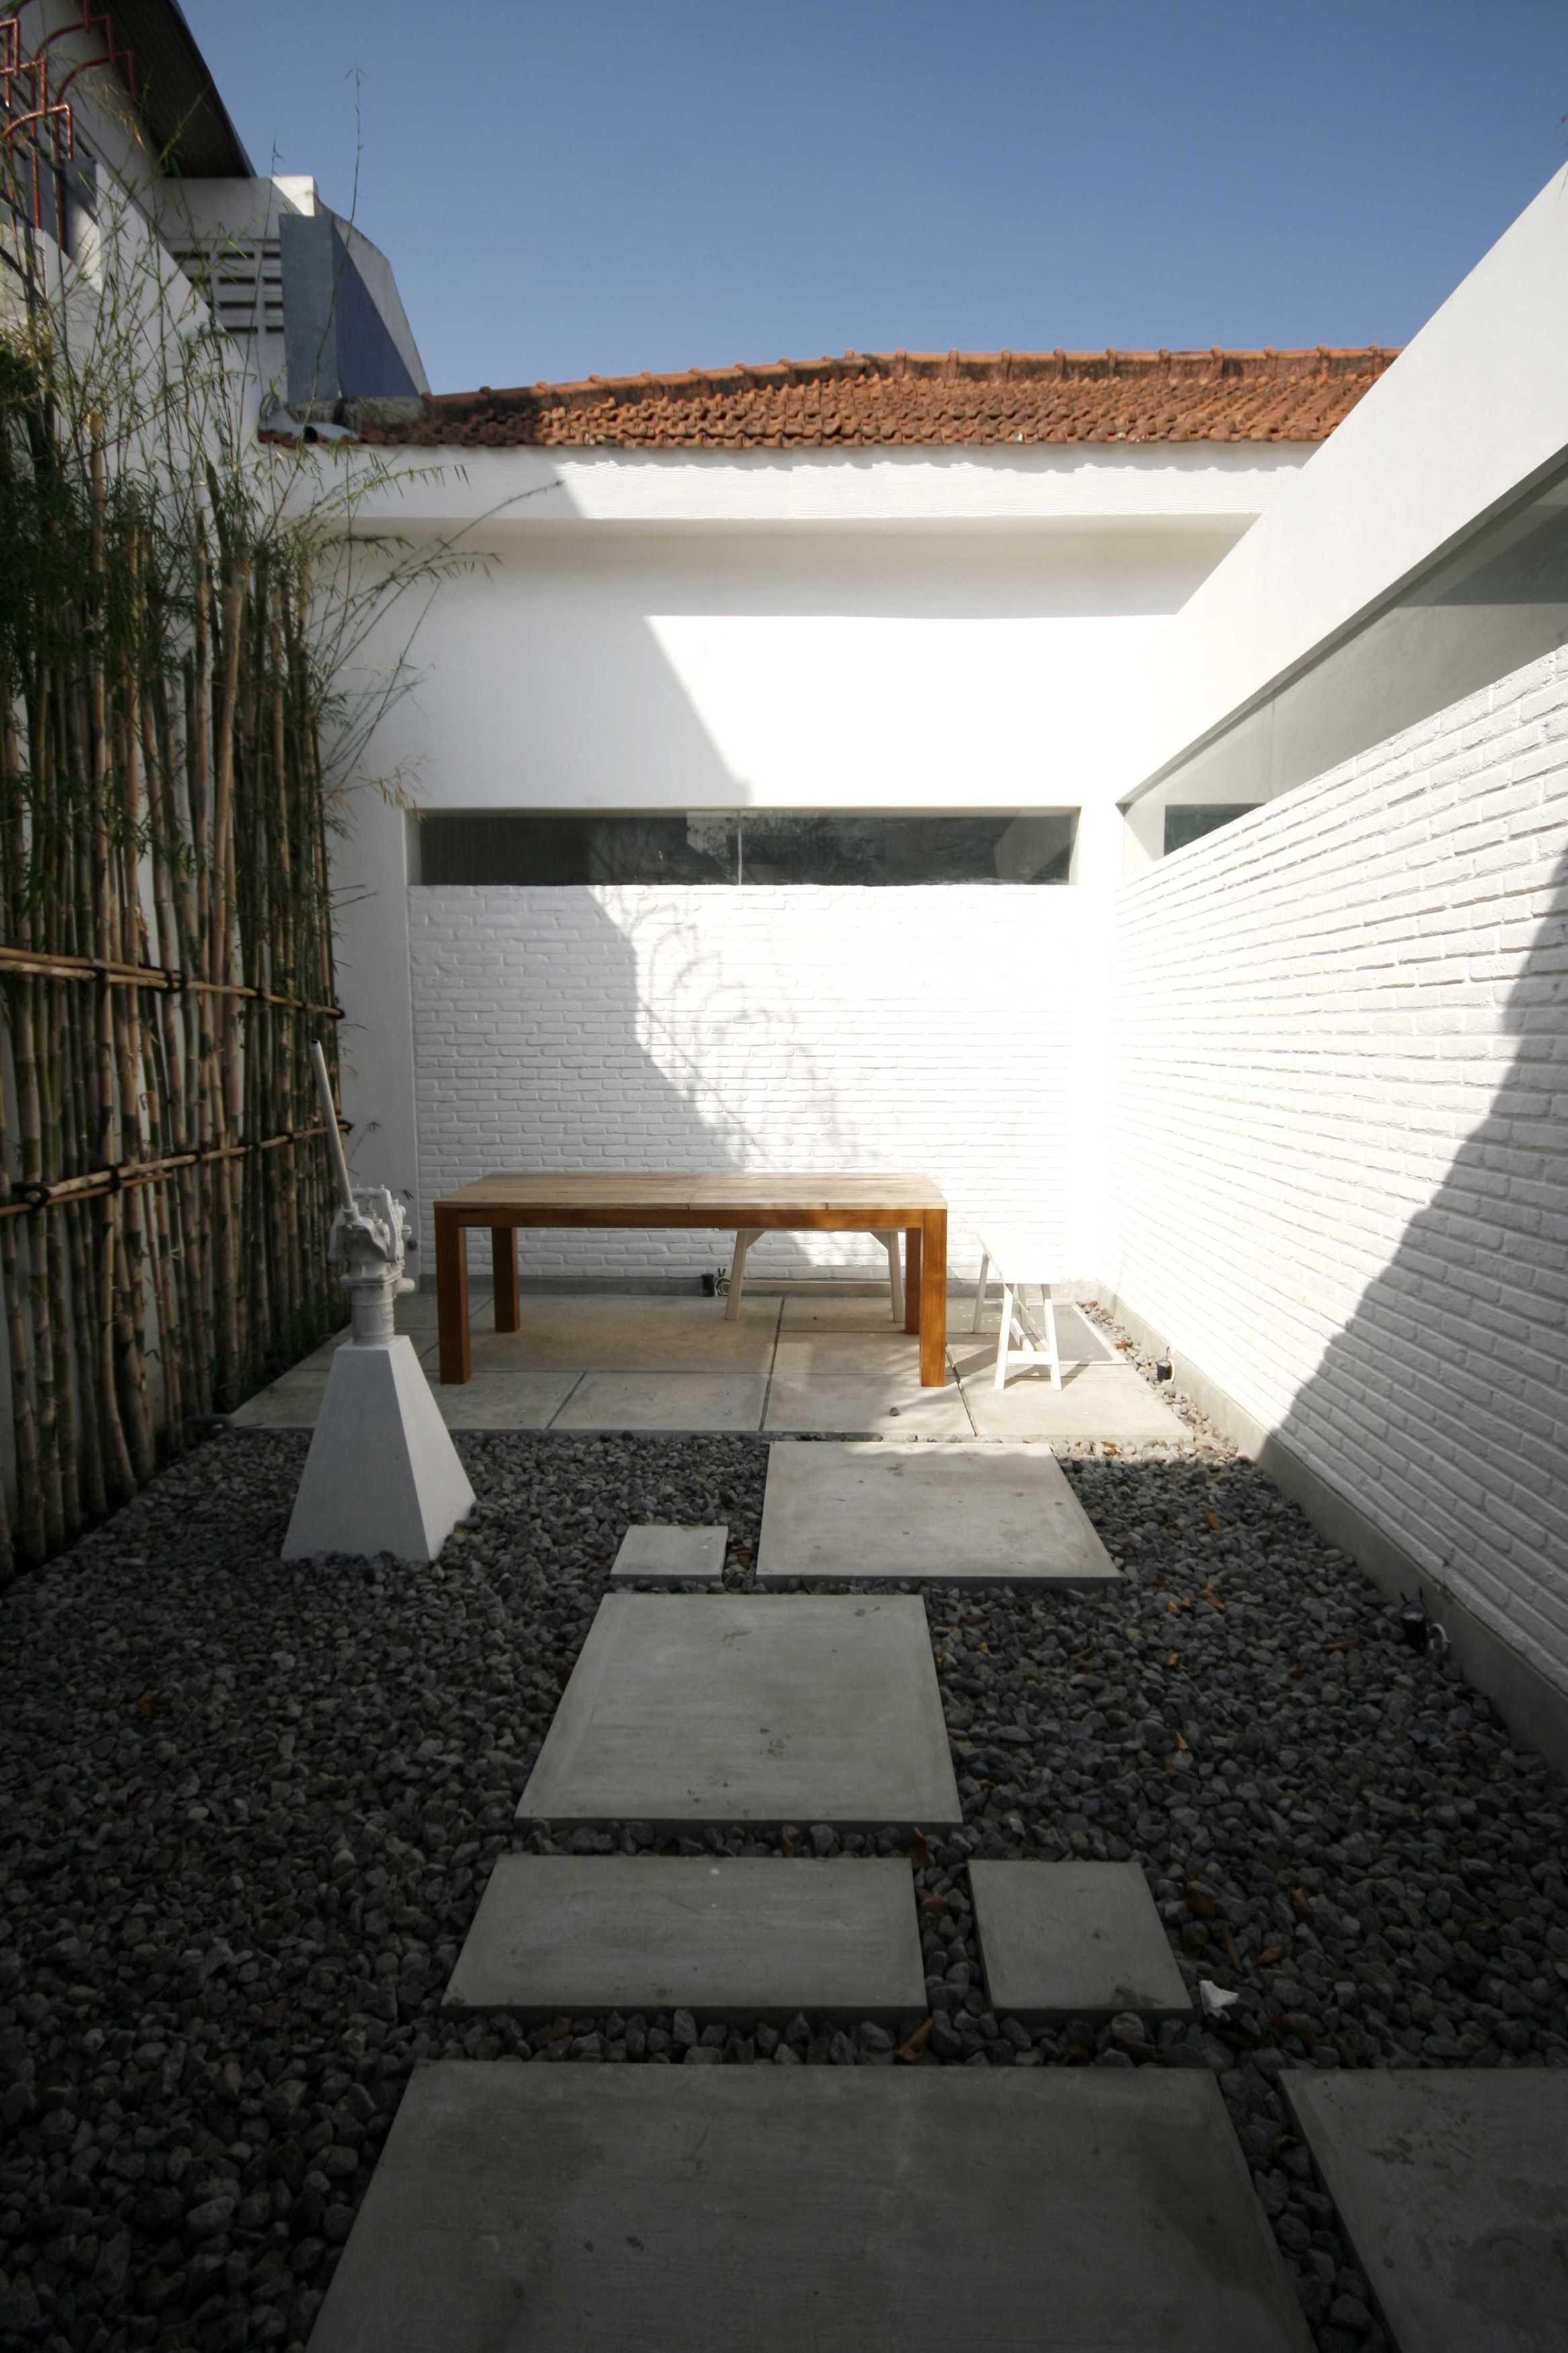 Ksad Roemah Singgah #1 Kediri, East Java, Indonesia Kediri, East Java, Indonesia Backyard   10221